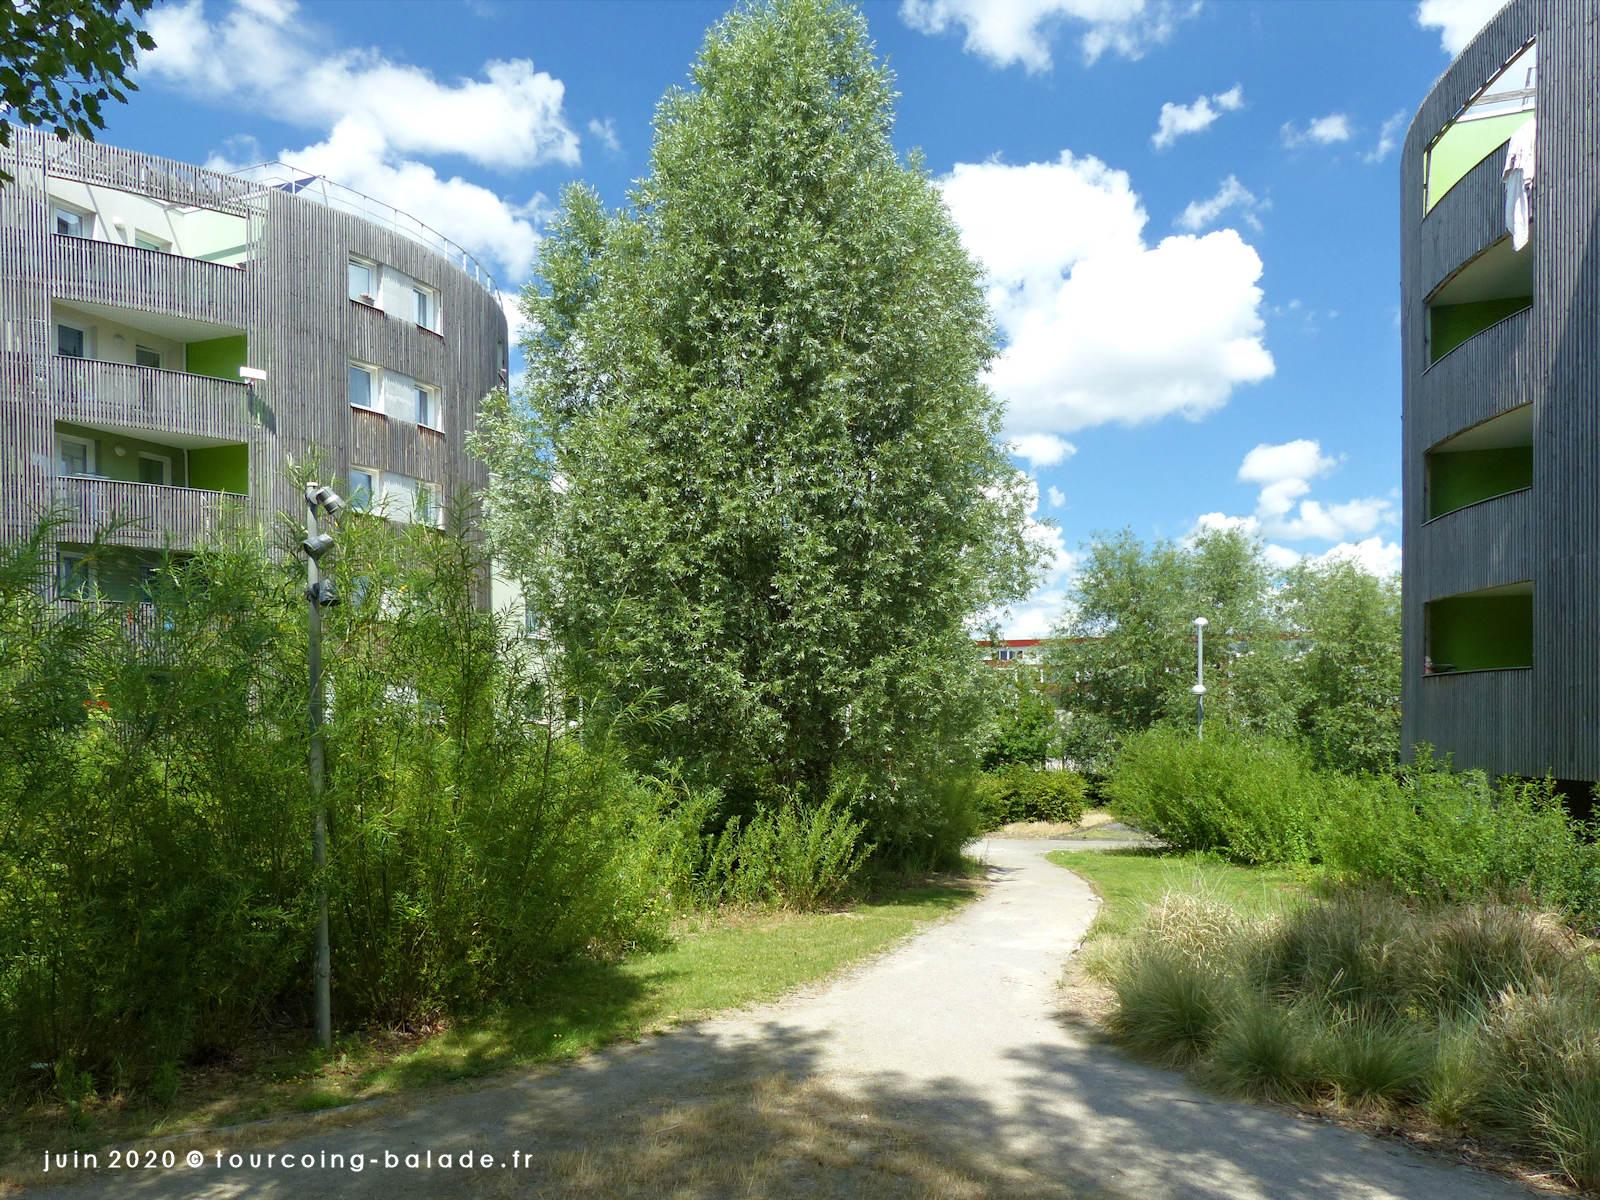 Résidences Les Jardins de Belenconjtre, Tourcoing 2020